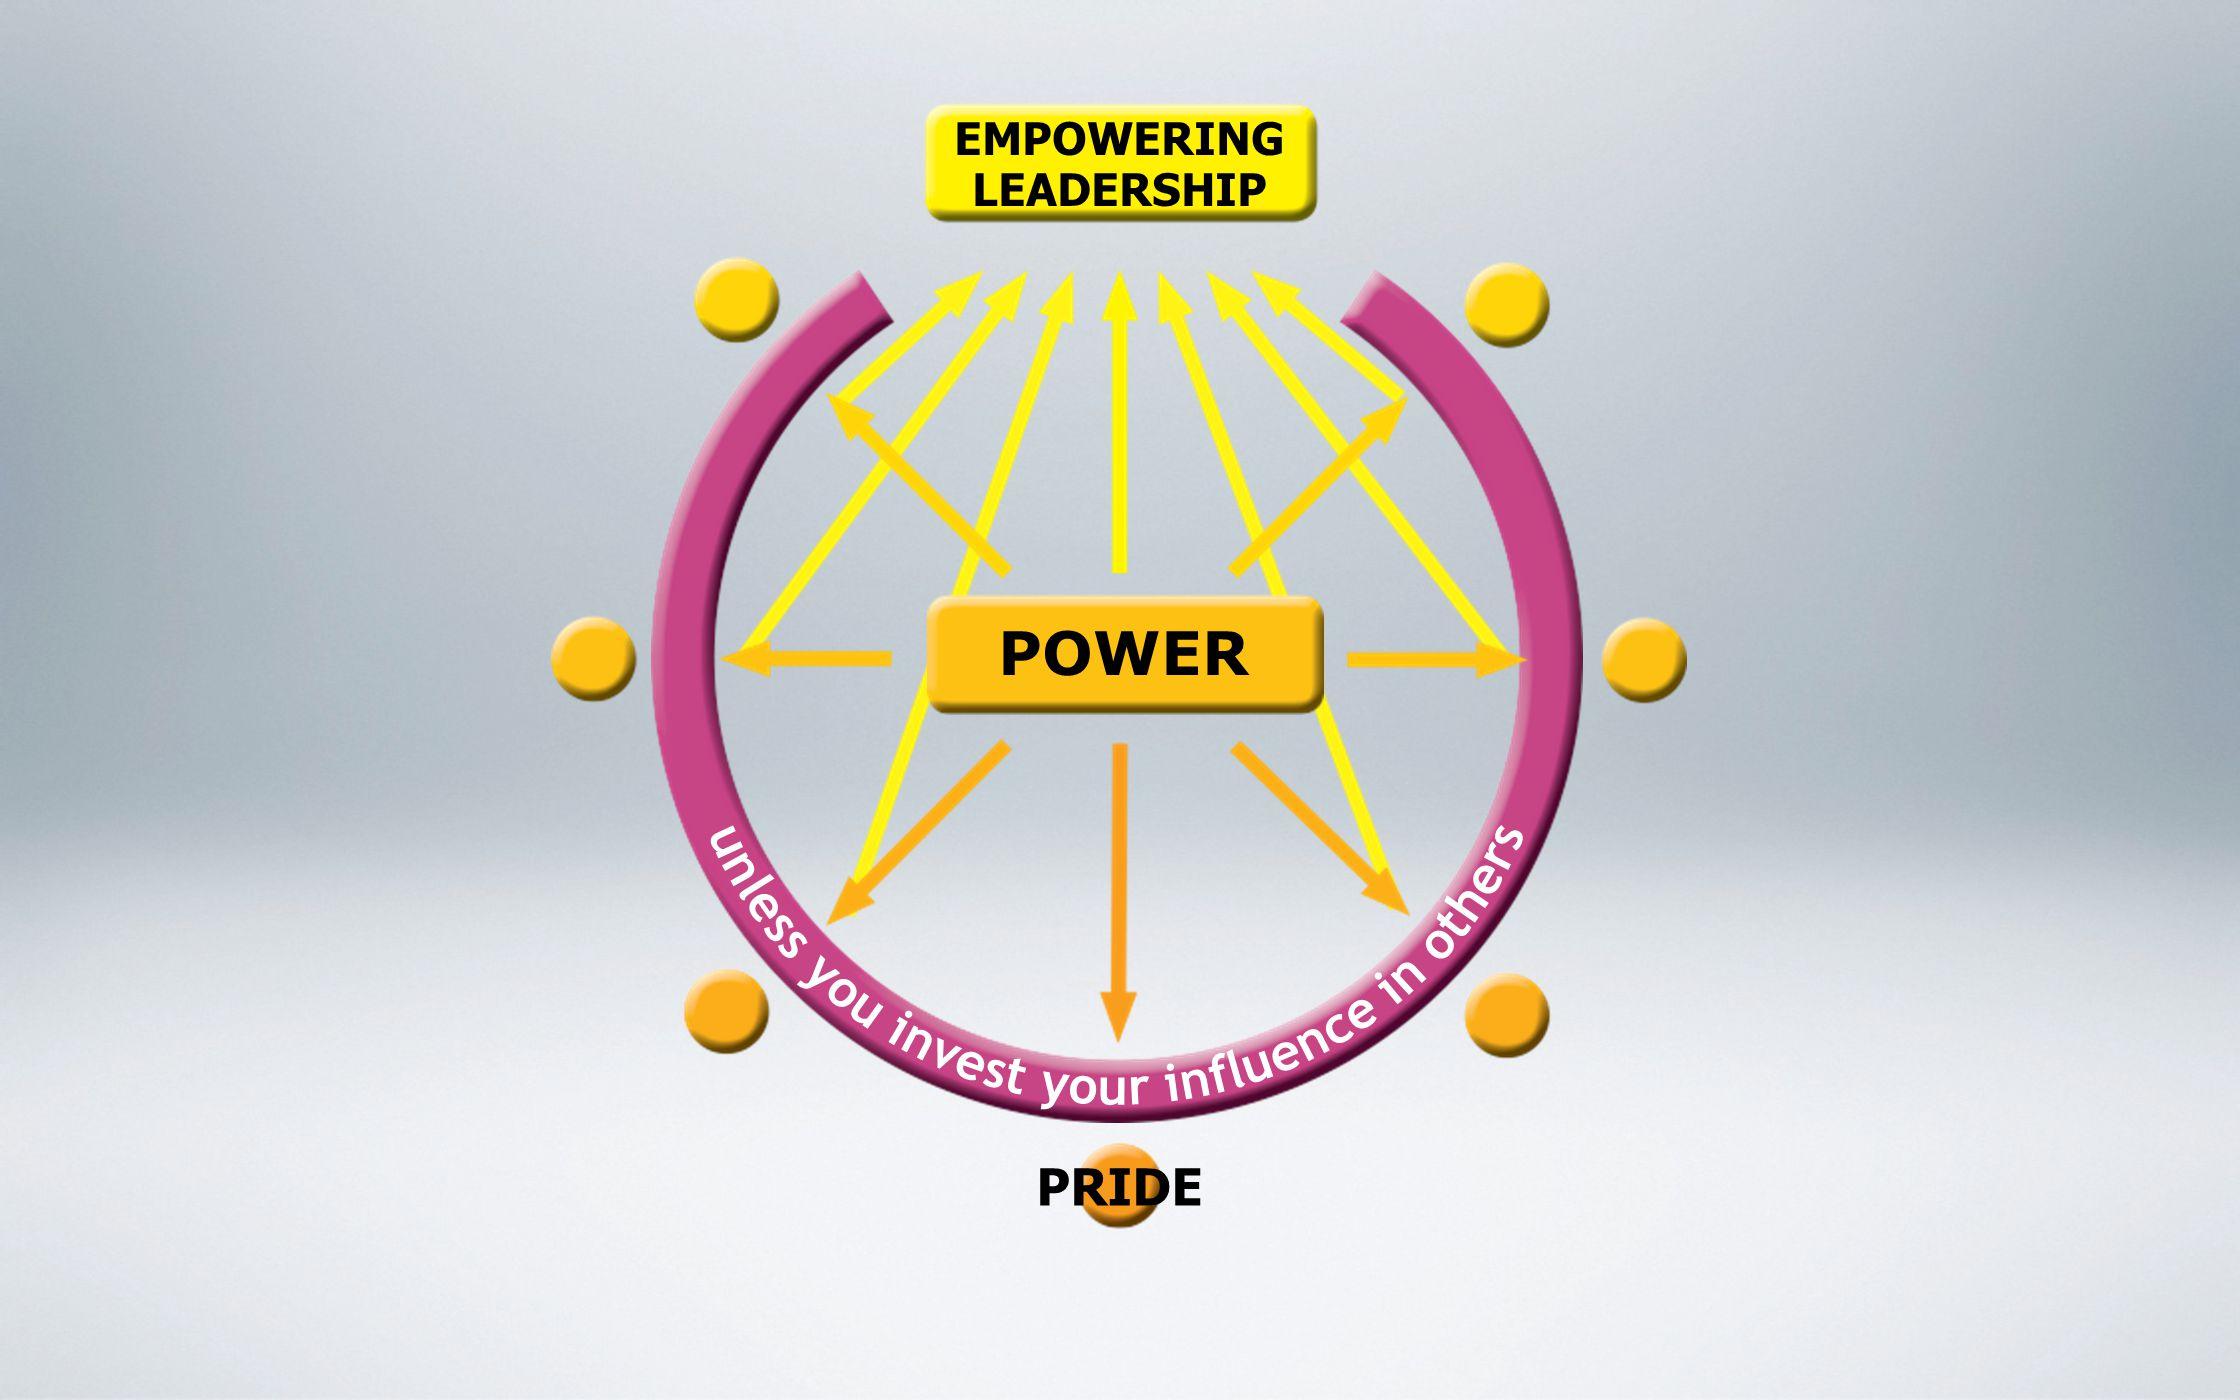 PRIDE POWER EMPOWERING LEADERSHIP